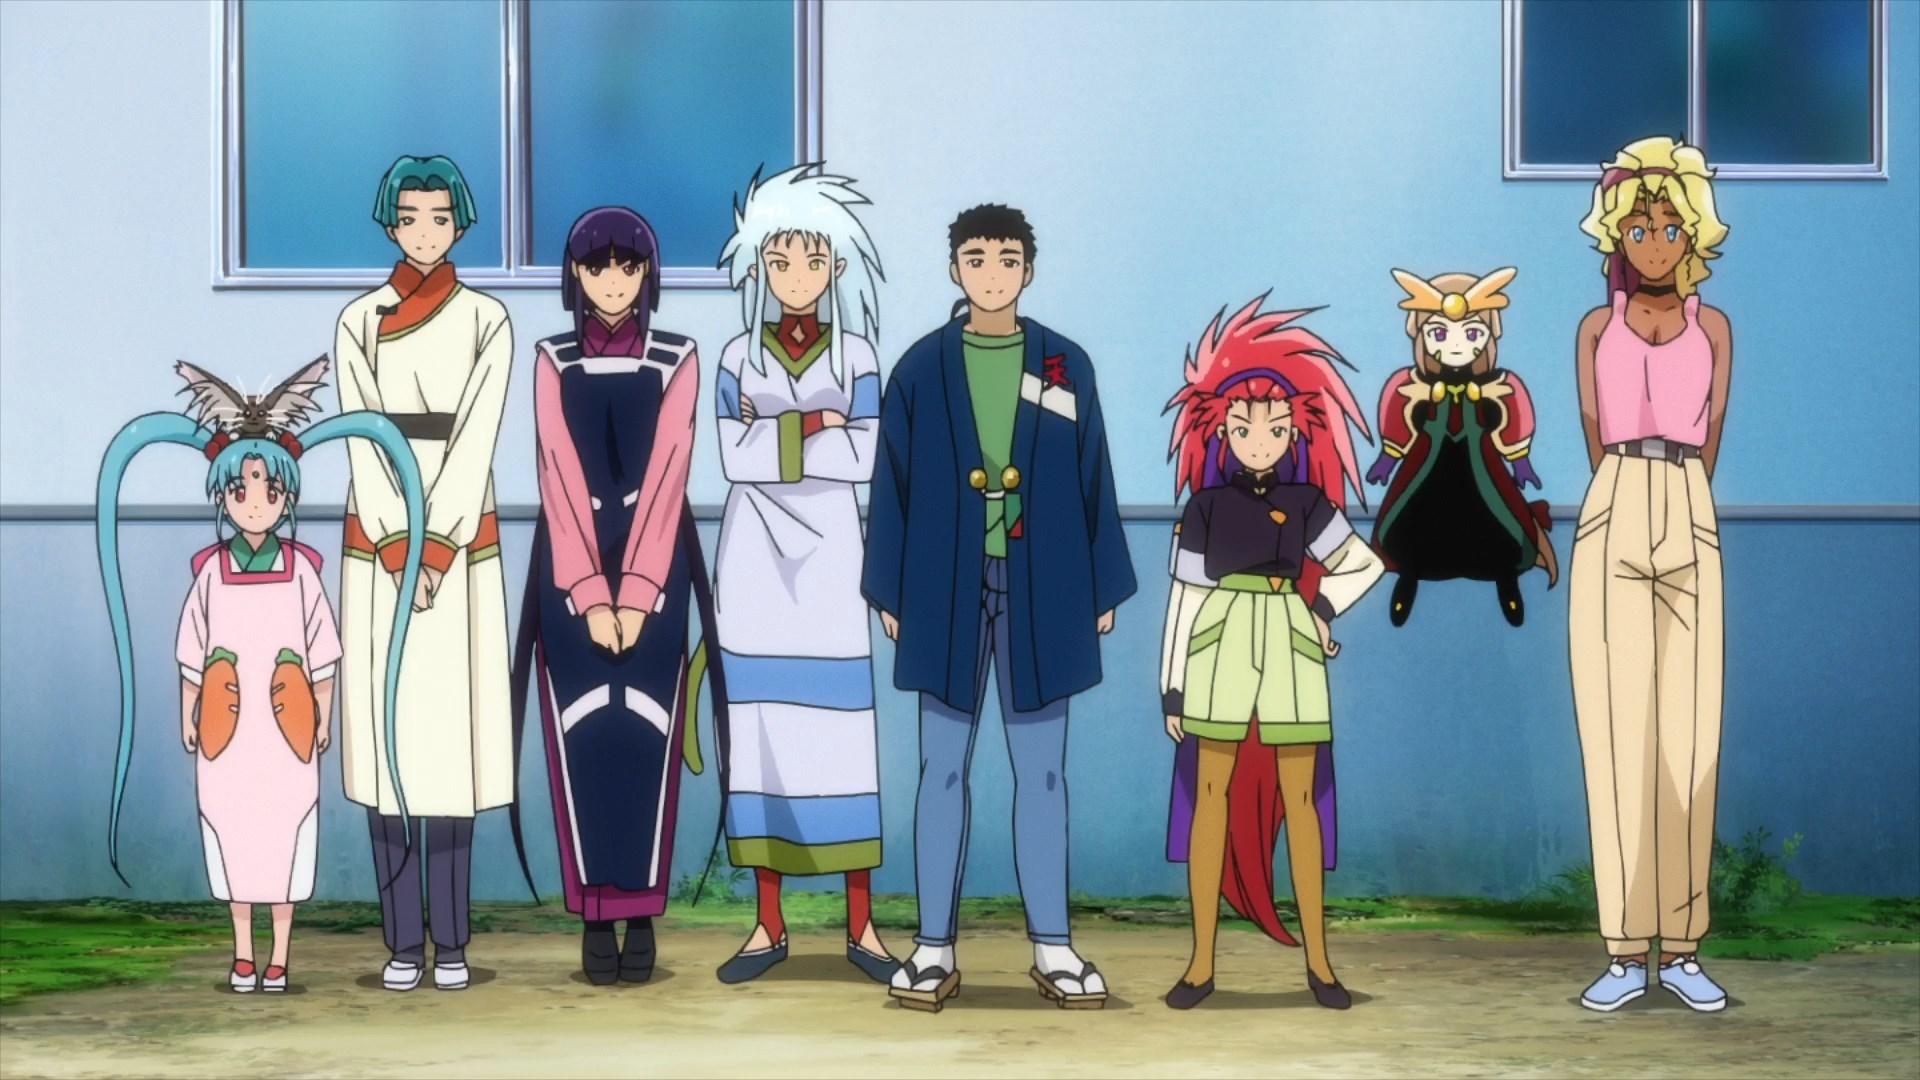 tenchi muyo ryo-ohki 4th season/ova 4 episode 3